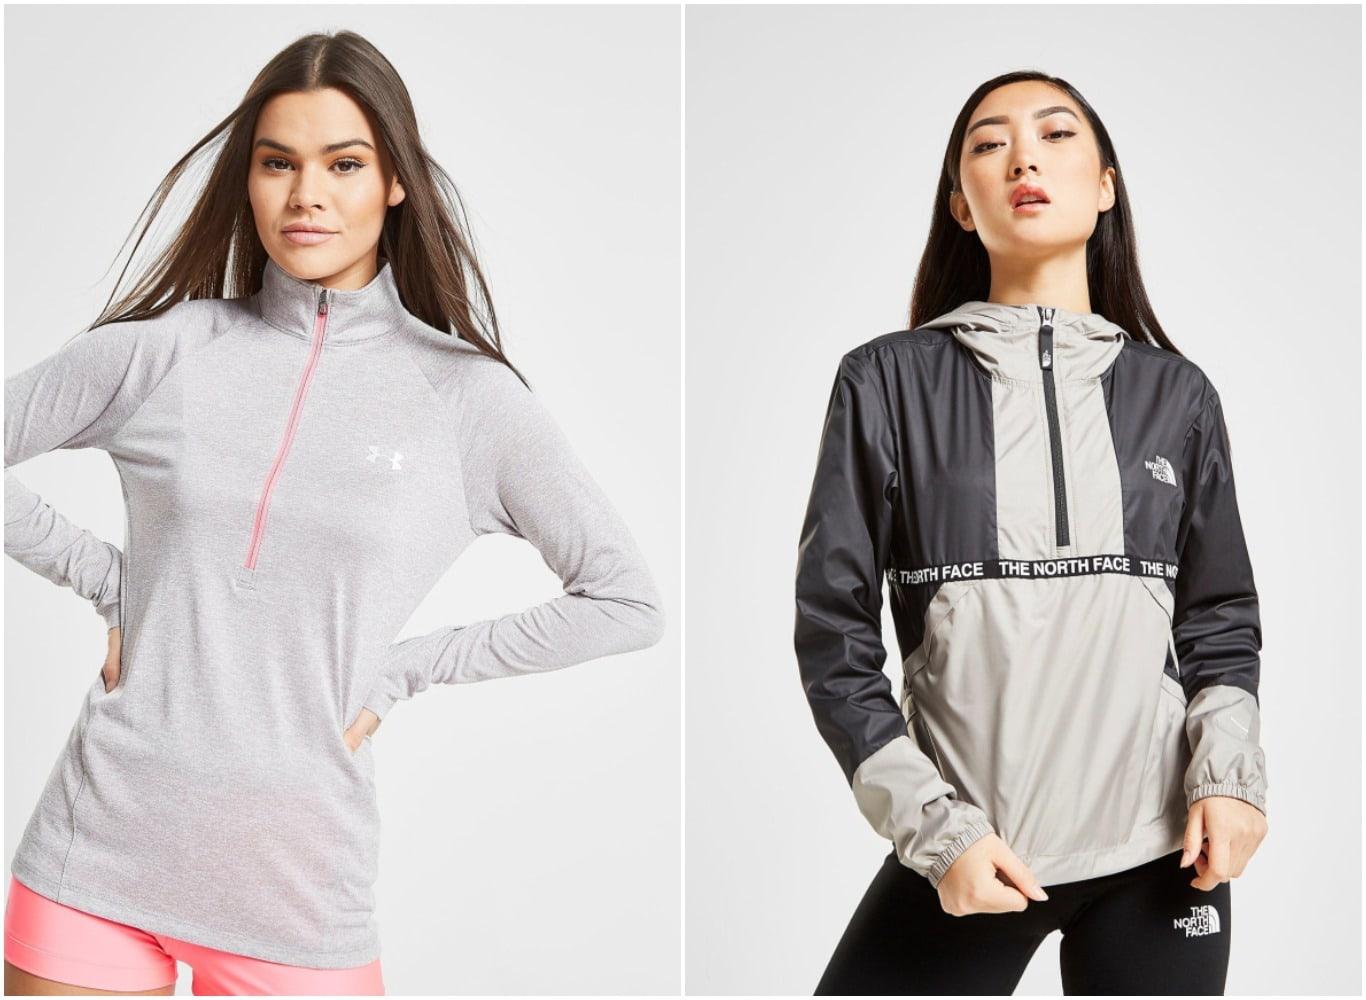 Camiseta técnica de Under Armour y chaqueta de The North Face para mujer